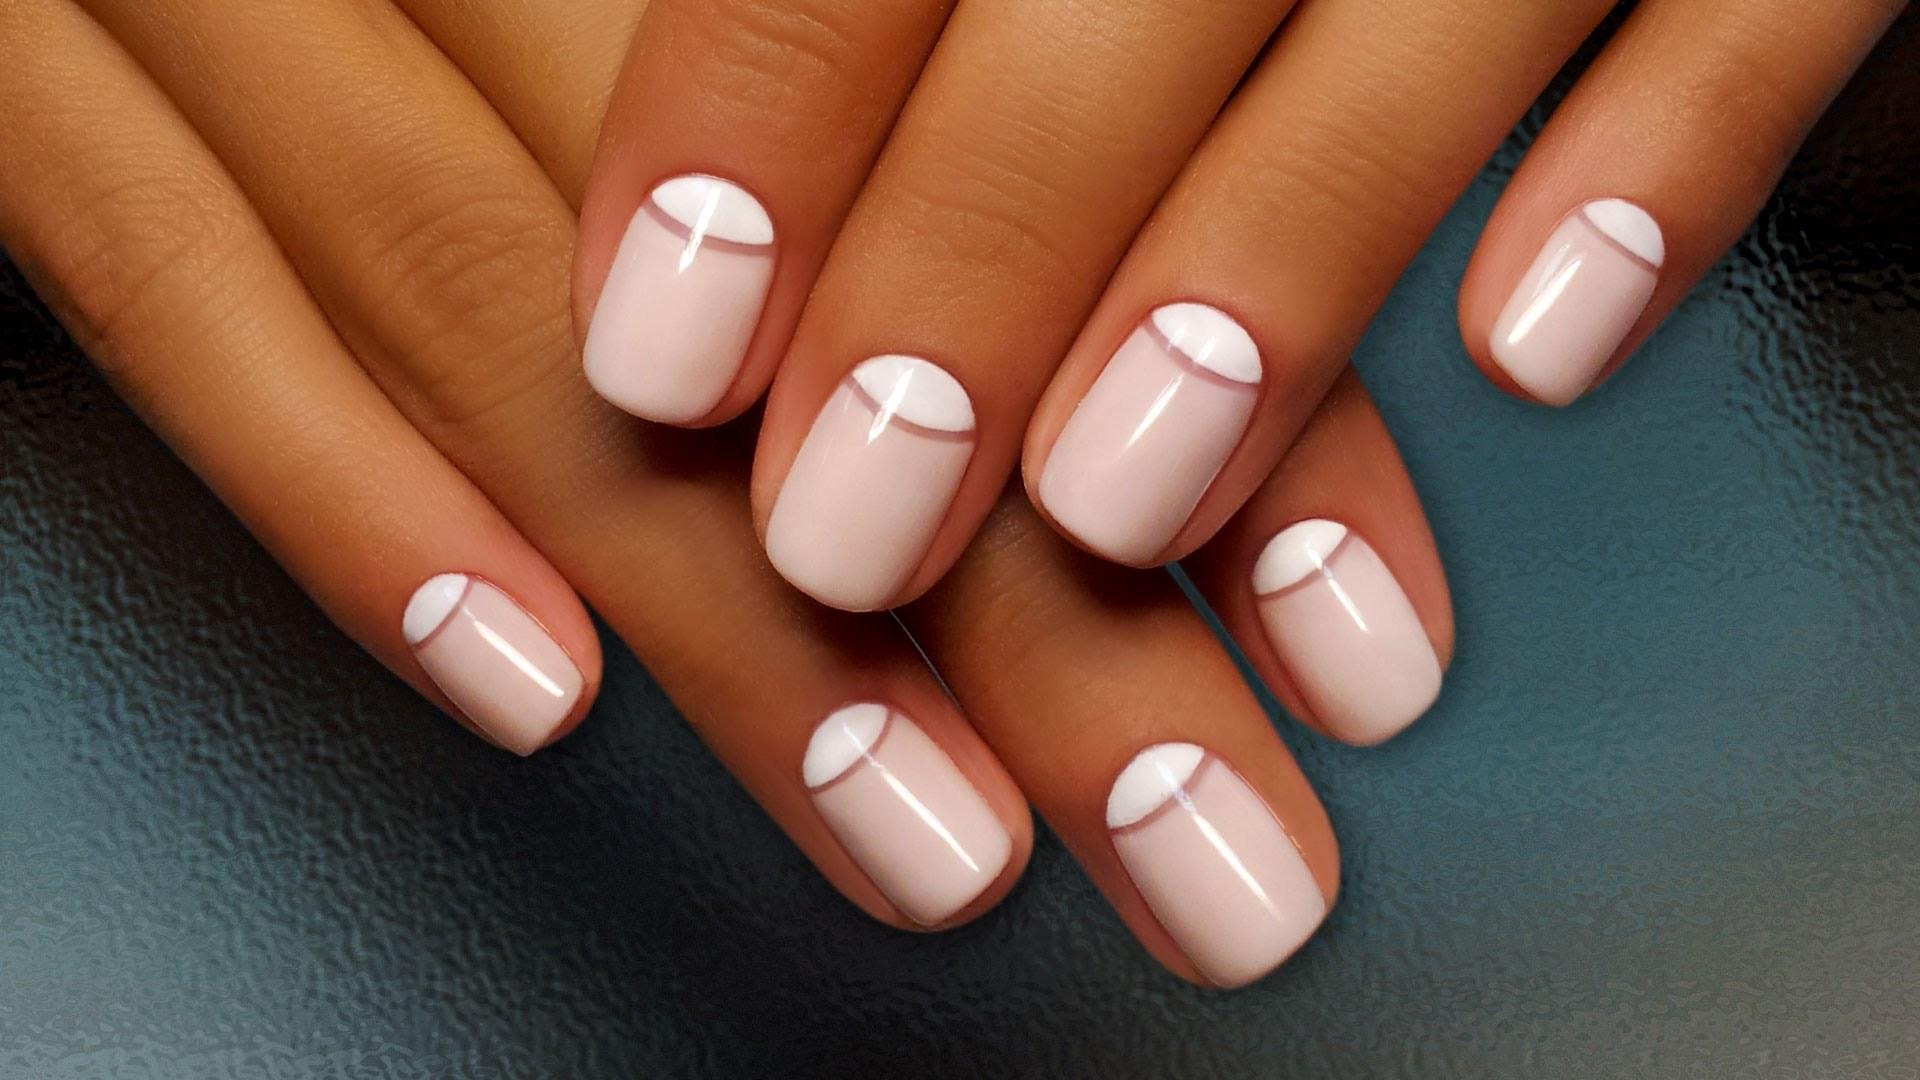 Natürliche Nageldesigns  Nägel lackieren einige Tipps für Nageldesigns